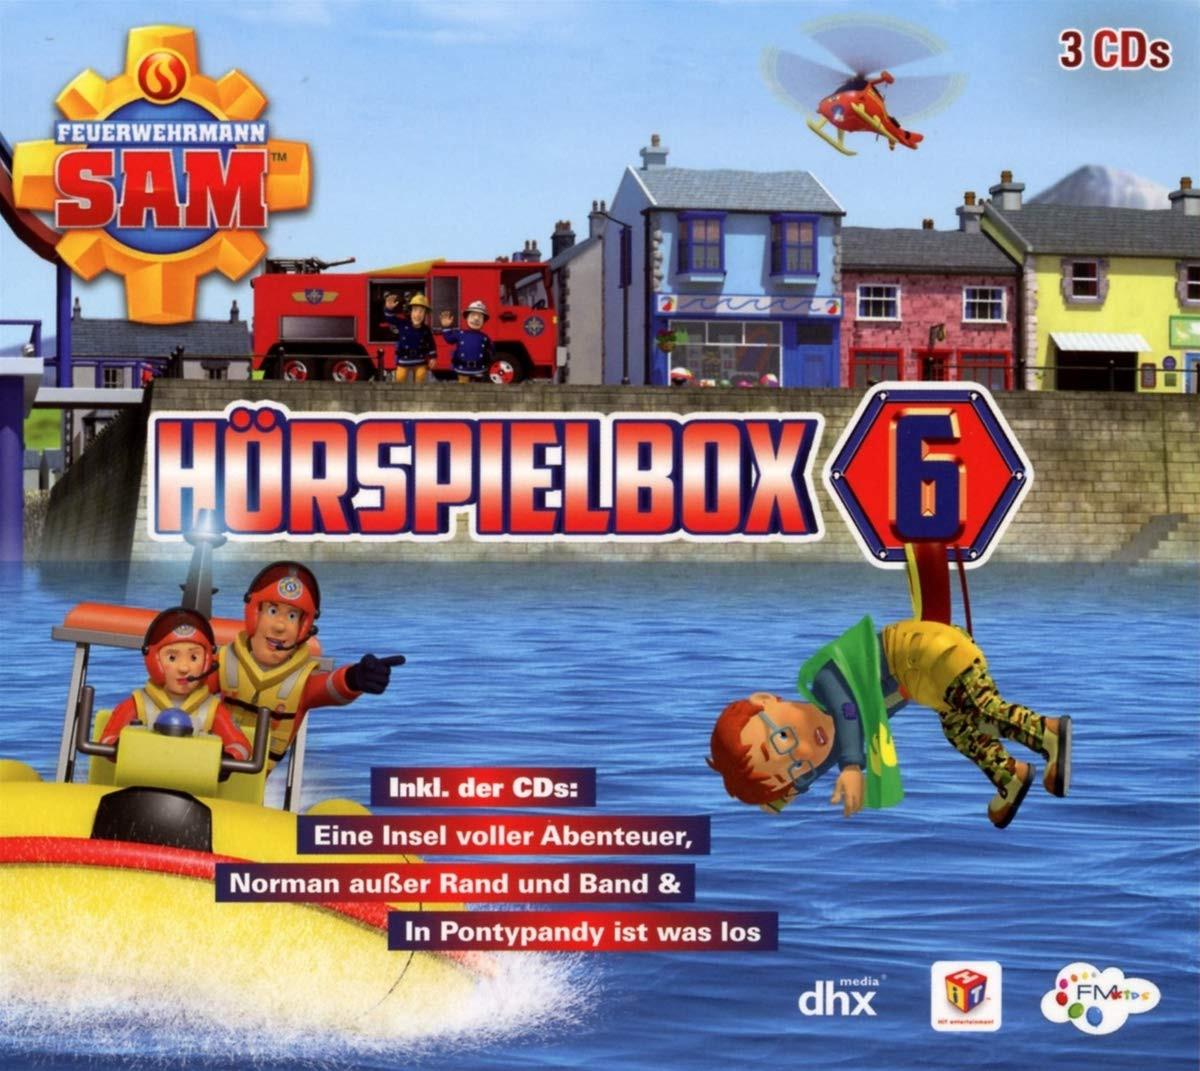 Feuerwehrmann Sam - Hörspiel-Box 6 (3 CDs)